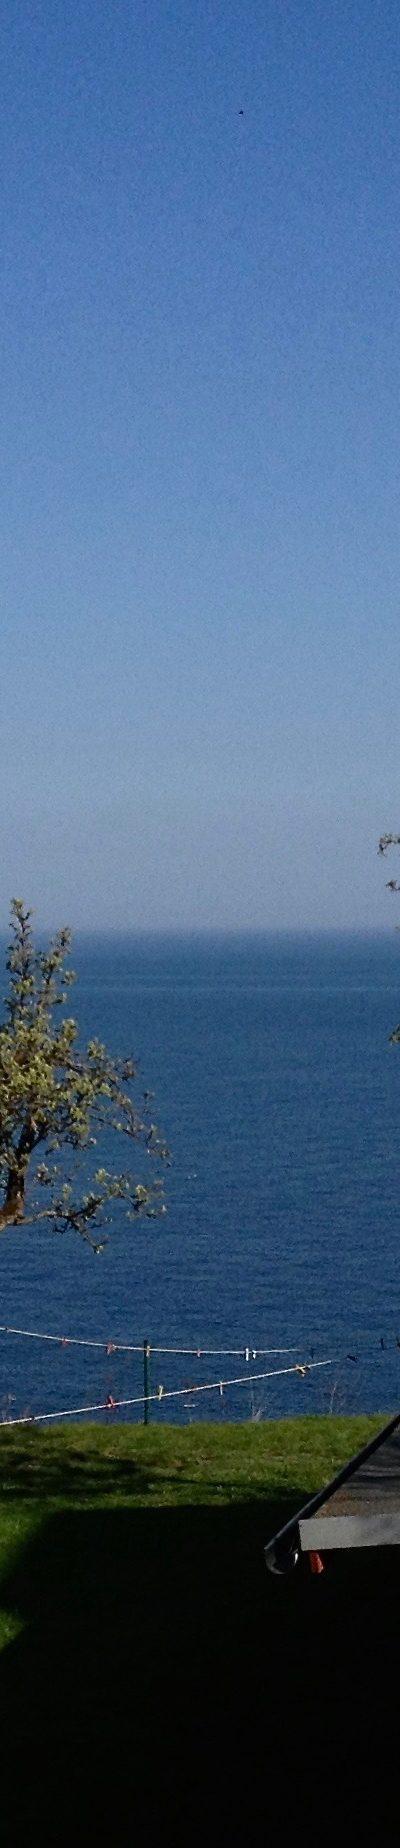 Lohme: Morgenblick aus dem Zimmer gen Cap Arcona - Frühjahr 2013